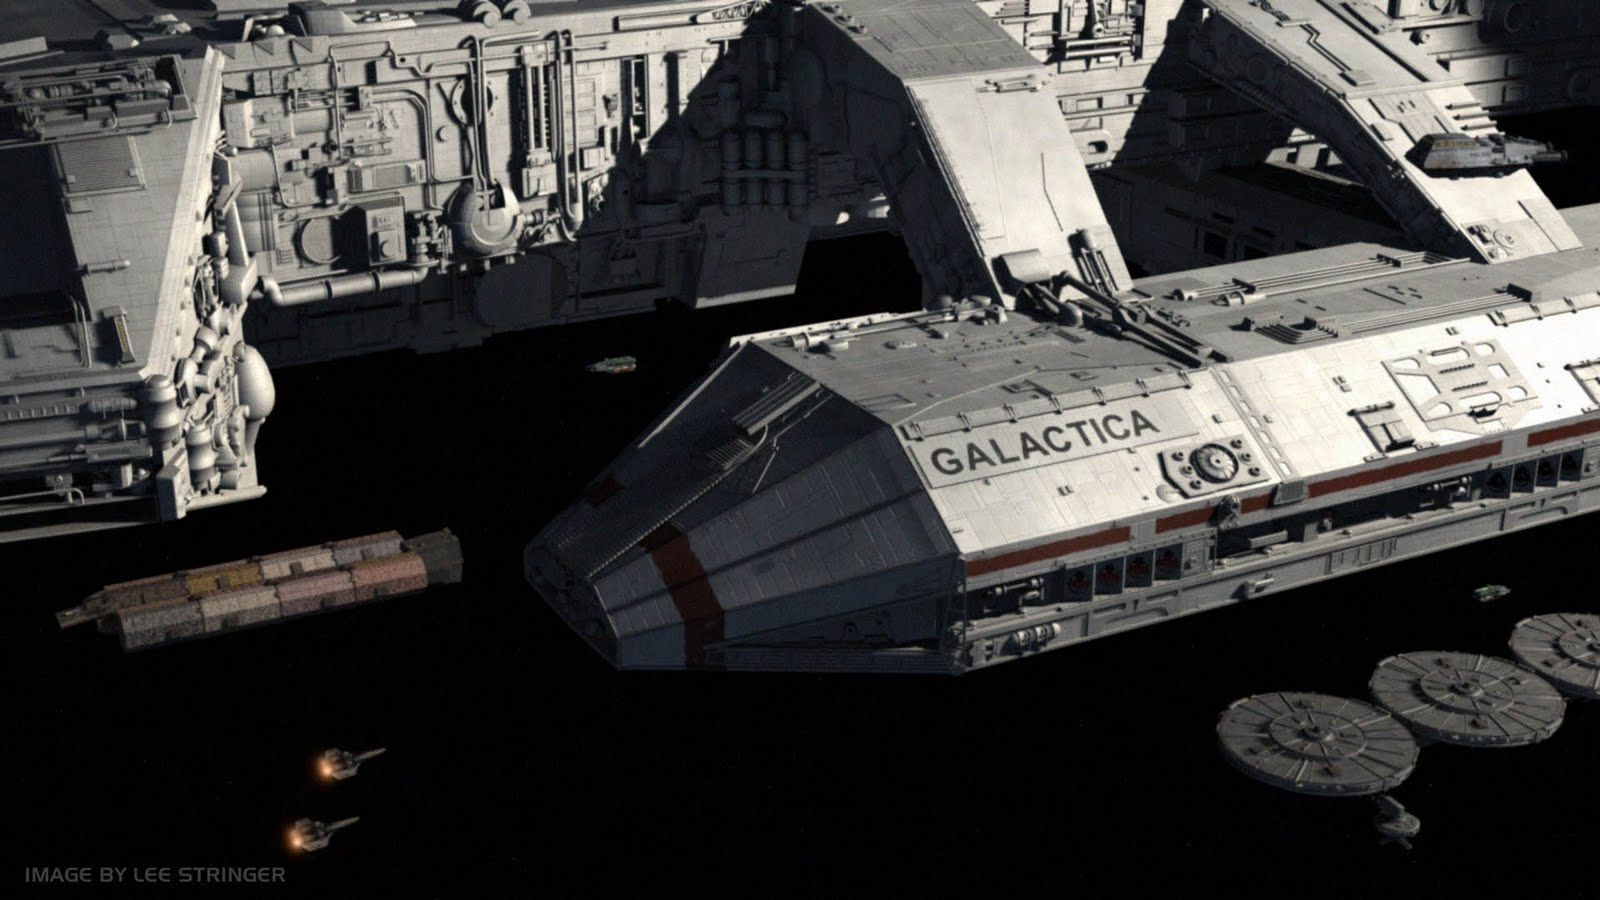 Google Wallpaper Hd Love U Wallpapers Battlestar Galactica Wallpaper